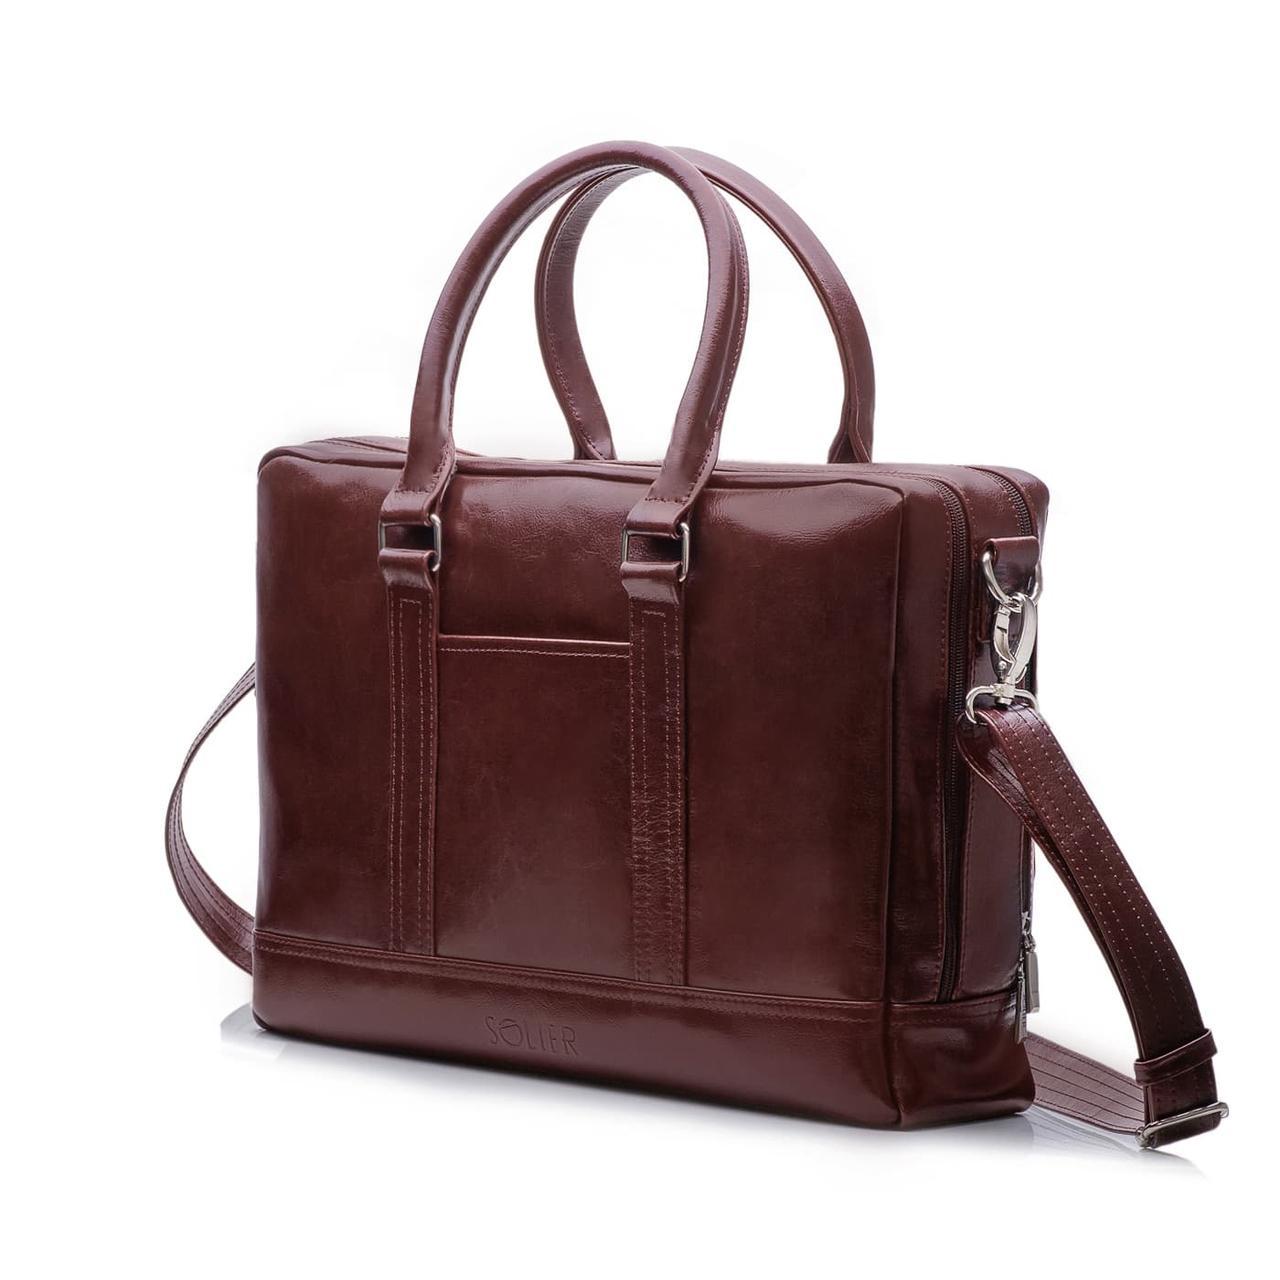 """Элегантная мужская кожаная сумка для ноутбука Solier 15 - 15,6"""" Каштановая (SL02Maroon)"""